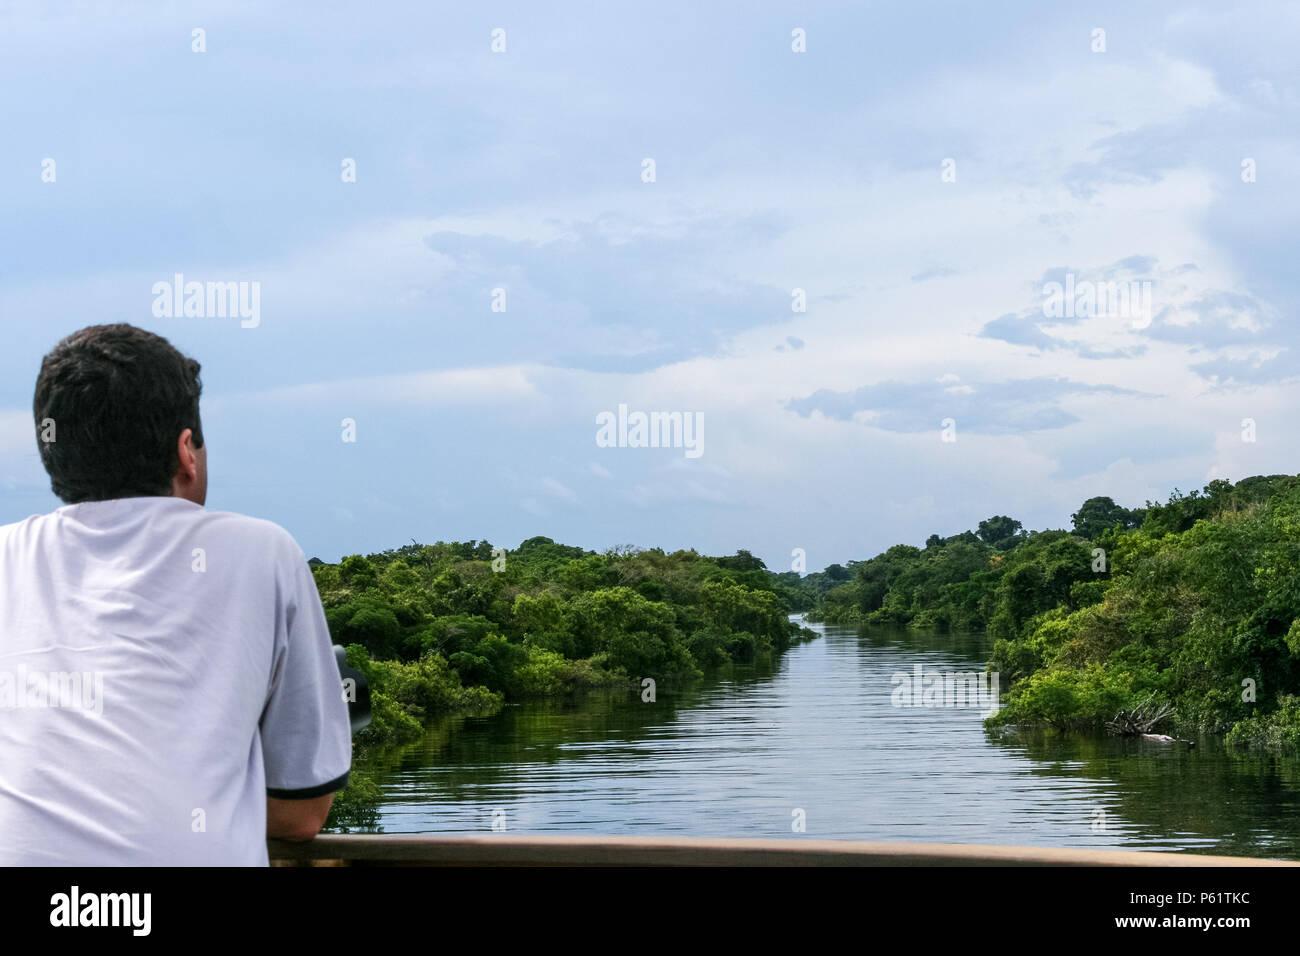 L'Amazonas, Brésil. Un touriste en contemplant la vue magnifique sur le Negro pendant la saison des inondations avec la forêt amazonienne dans l'arrière-plan. Photo Stock